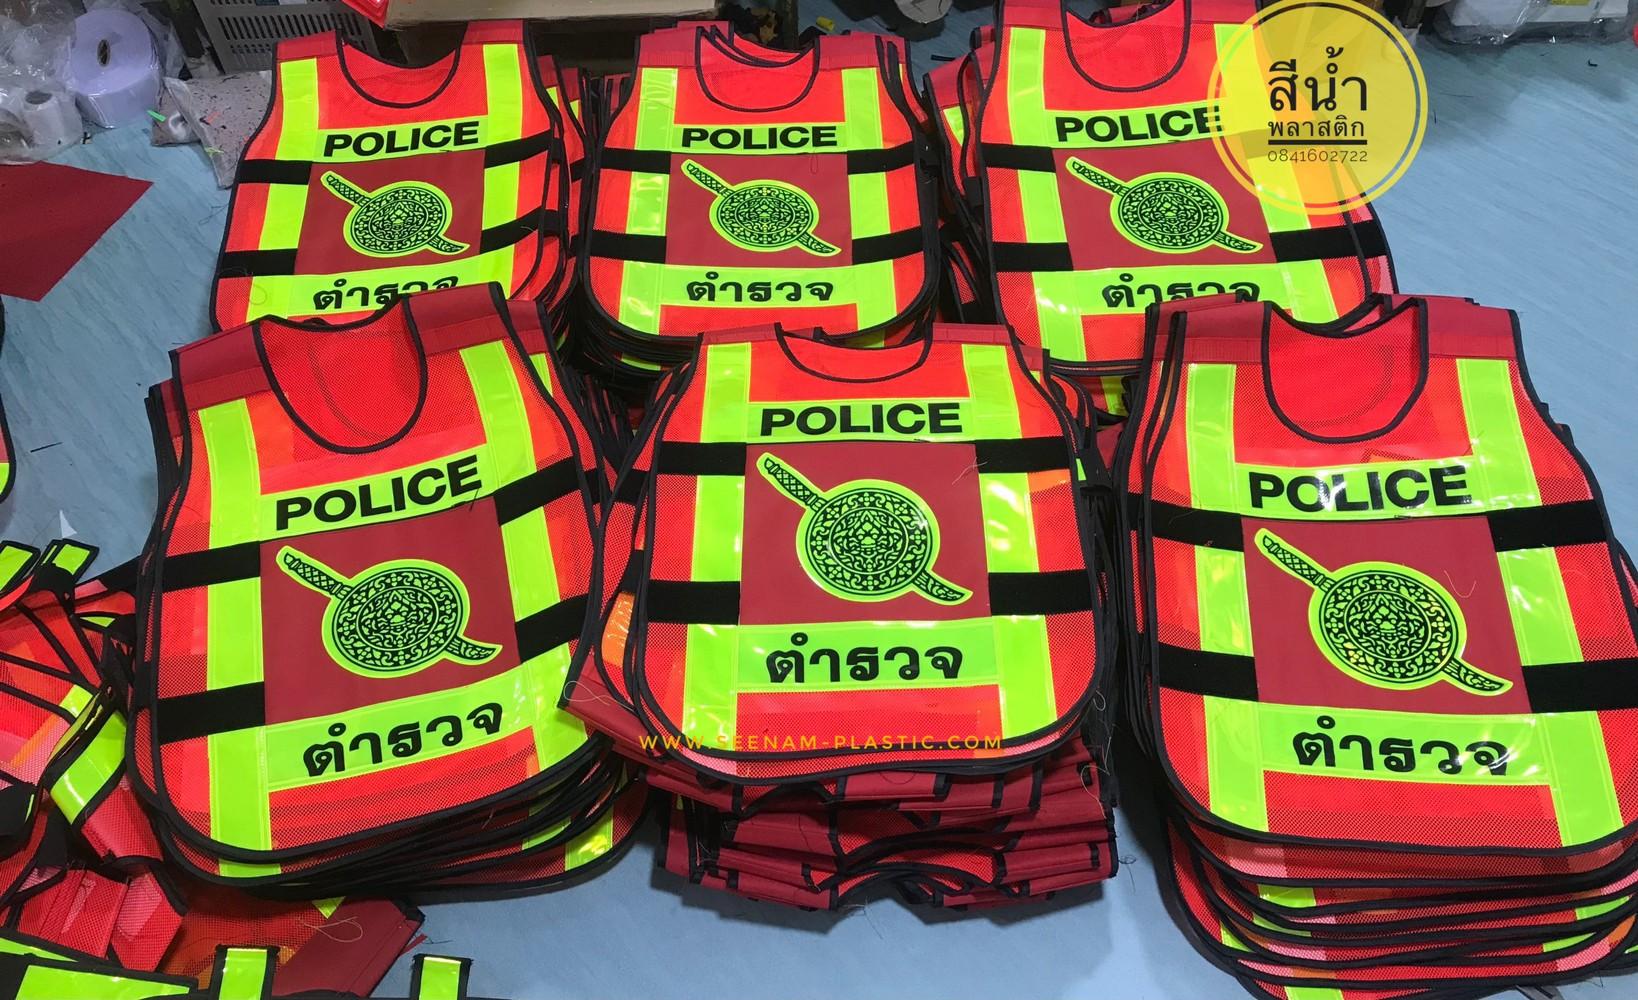 เสื้อจราจร, เสื้อตำรวจสายตรวจ, เสื้อสะท้อนแสงตำรวจสายตรวจ, เสื้อตำรวจจราจร, เสื้อสะท้อนแสงจราจร, เสื้อสะท้อนแสงตำรวจ, เสื้อกั๊กตำรวจ, เสื้อสะท้อนแสงตำรวจ